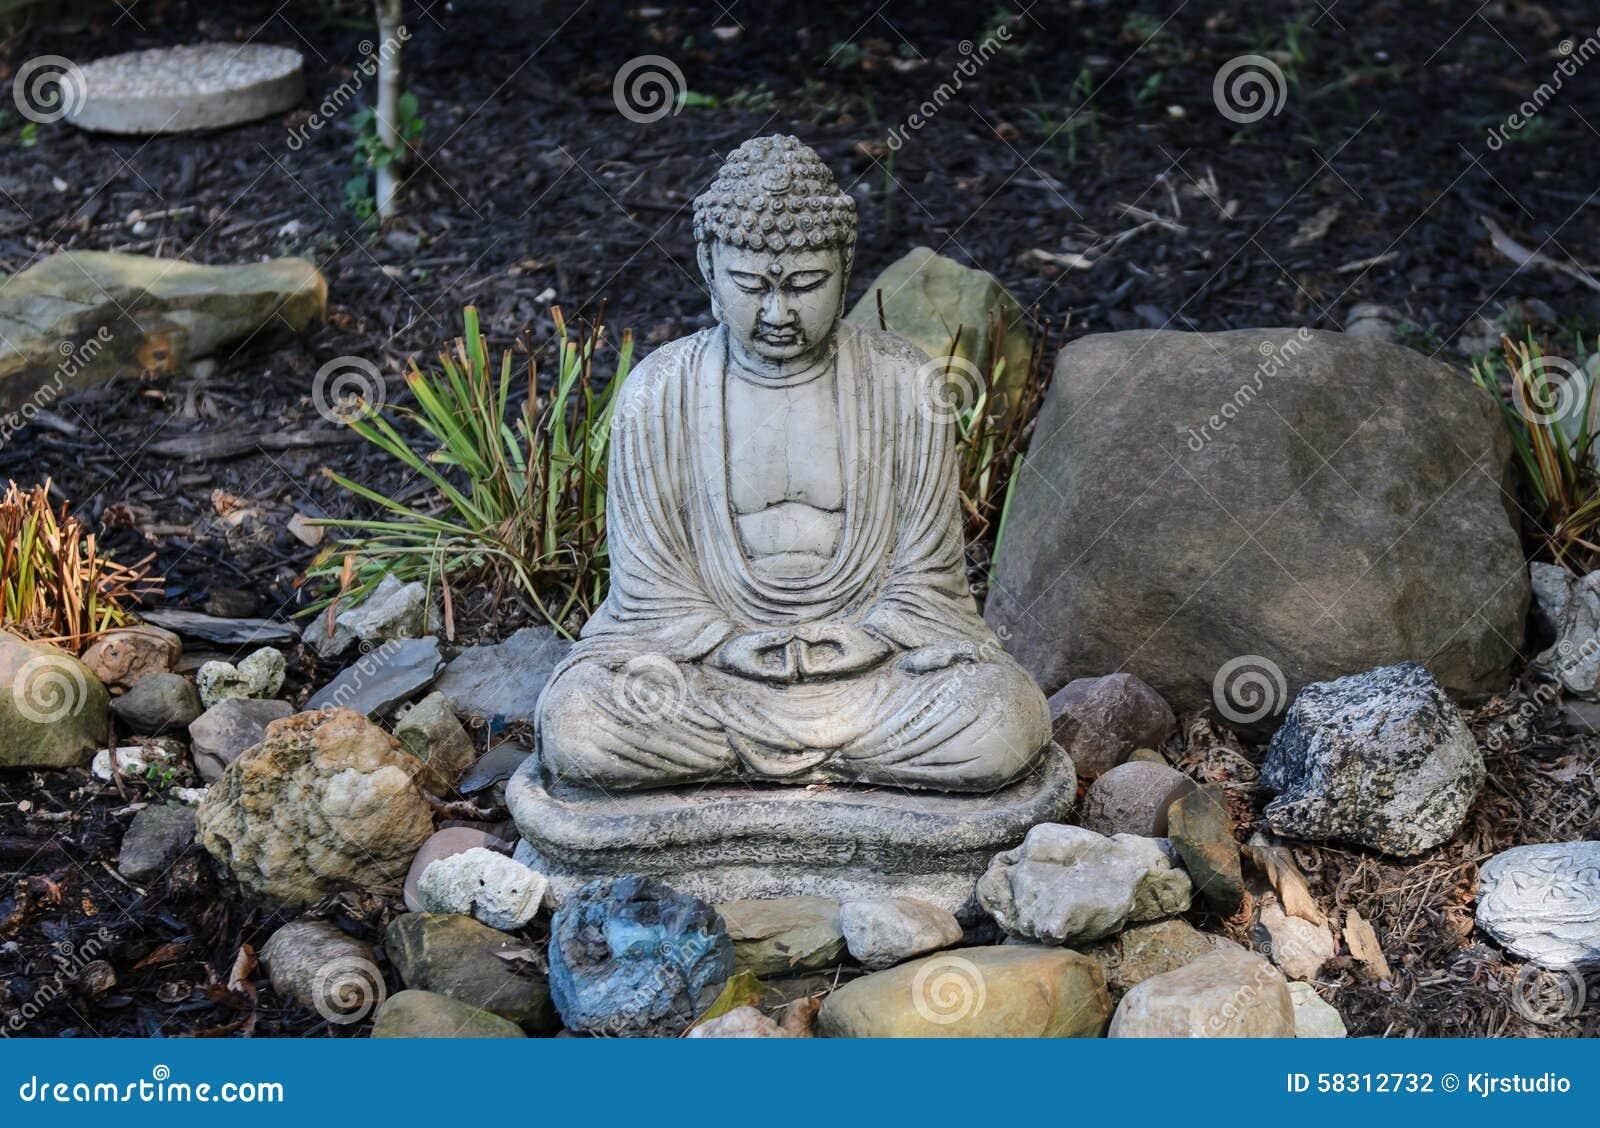 Buda s en el jard n foto de archivo imagen 58312732 - Buda jardin ...